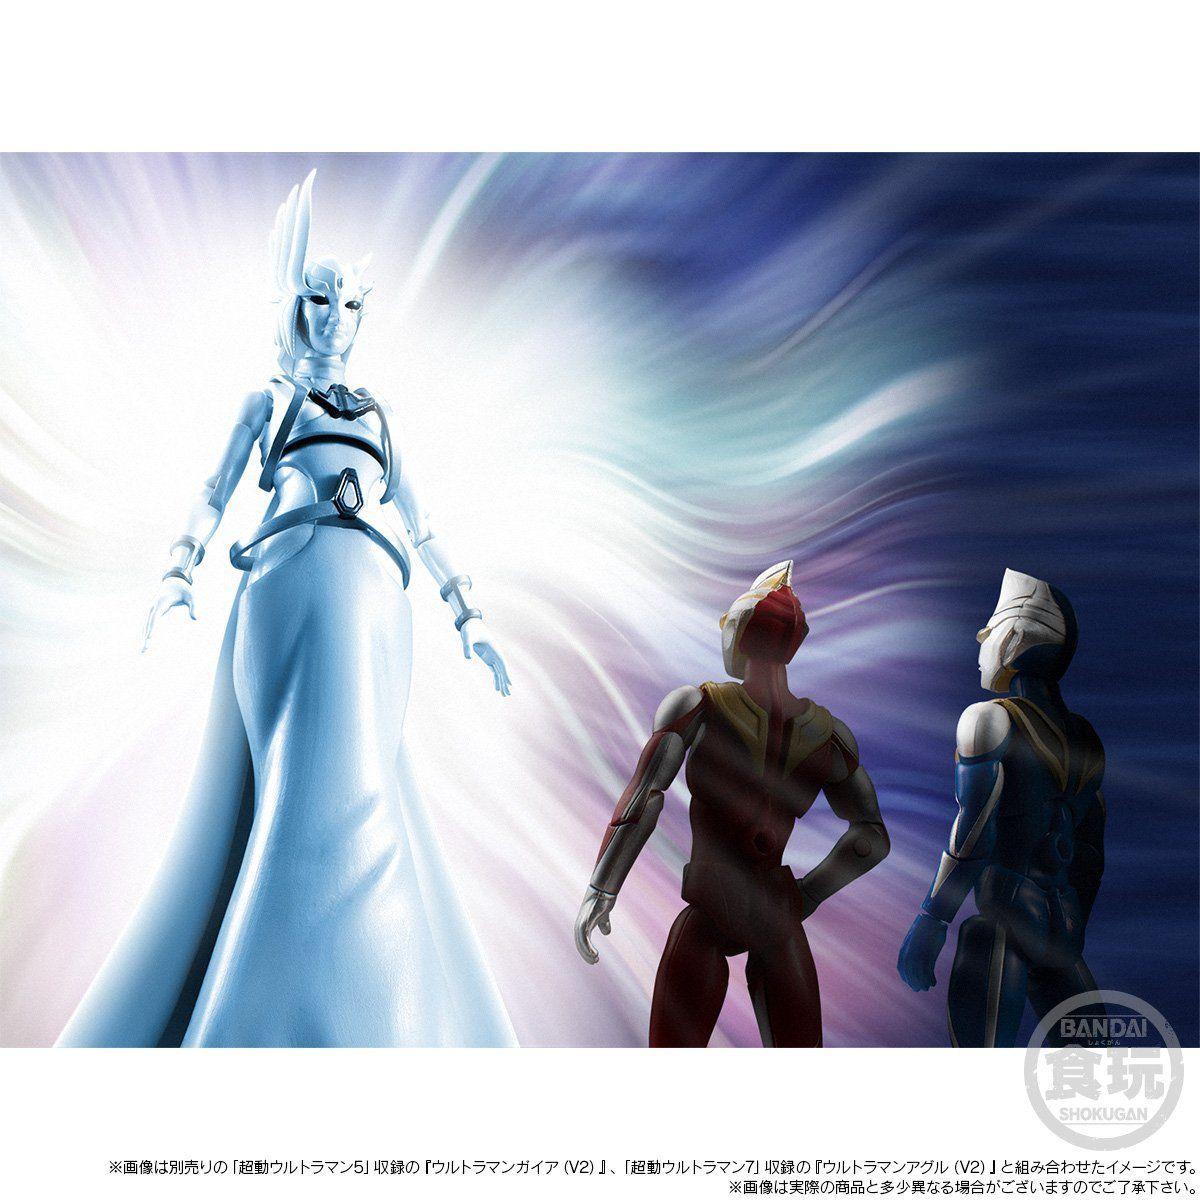 【限定販売】【食玩】超動ウルトラマン『ウルトラマンガイア -天使降臨-』可動フィギュア-008